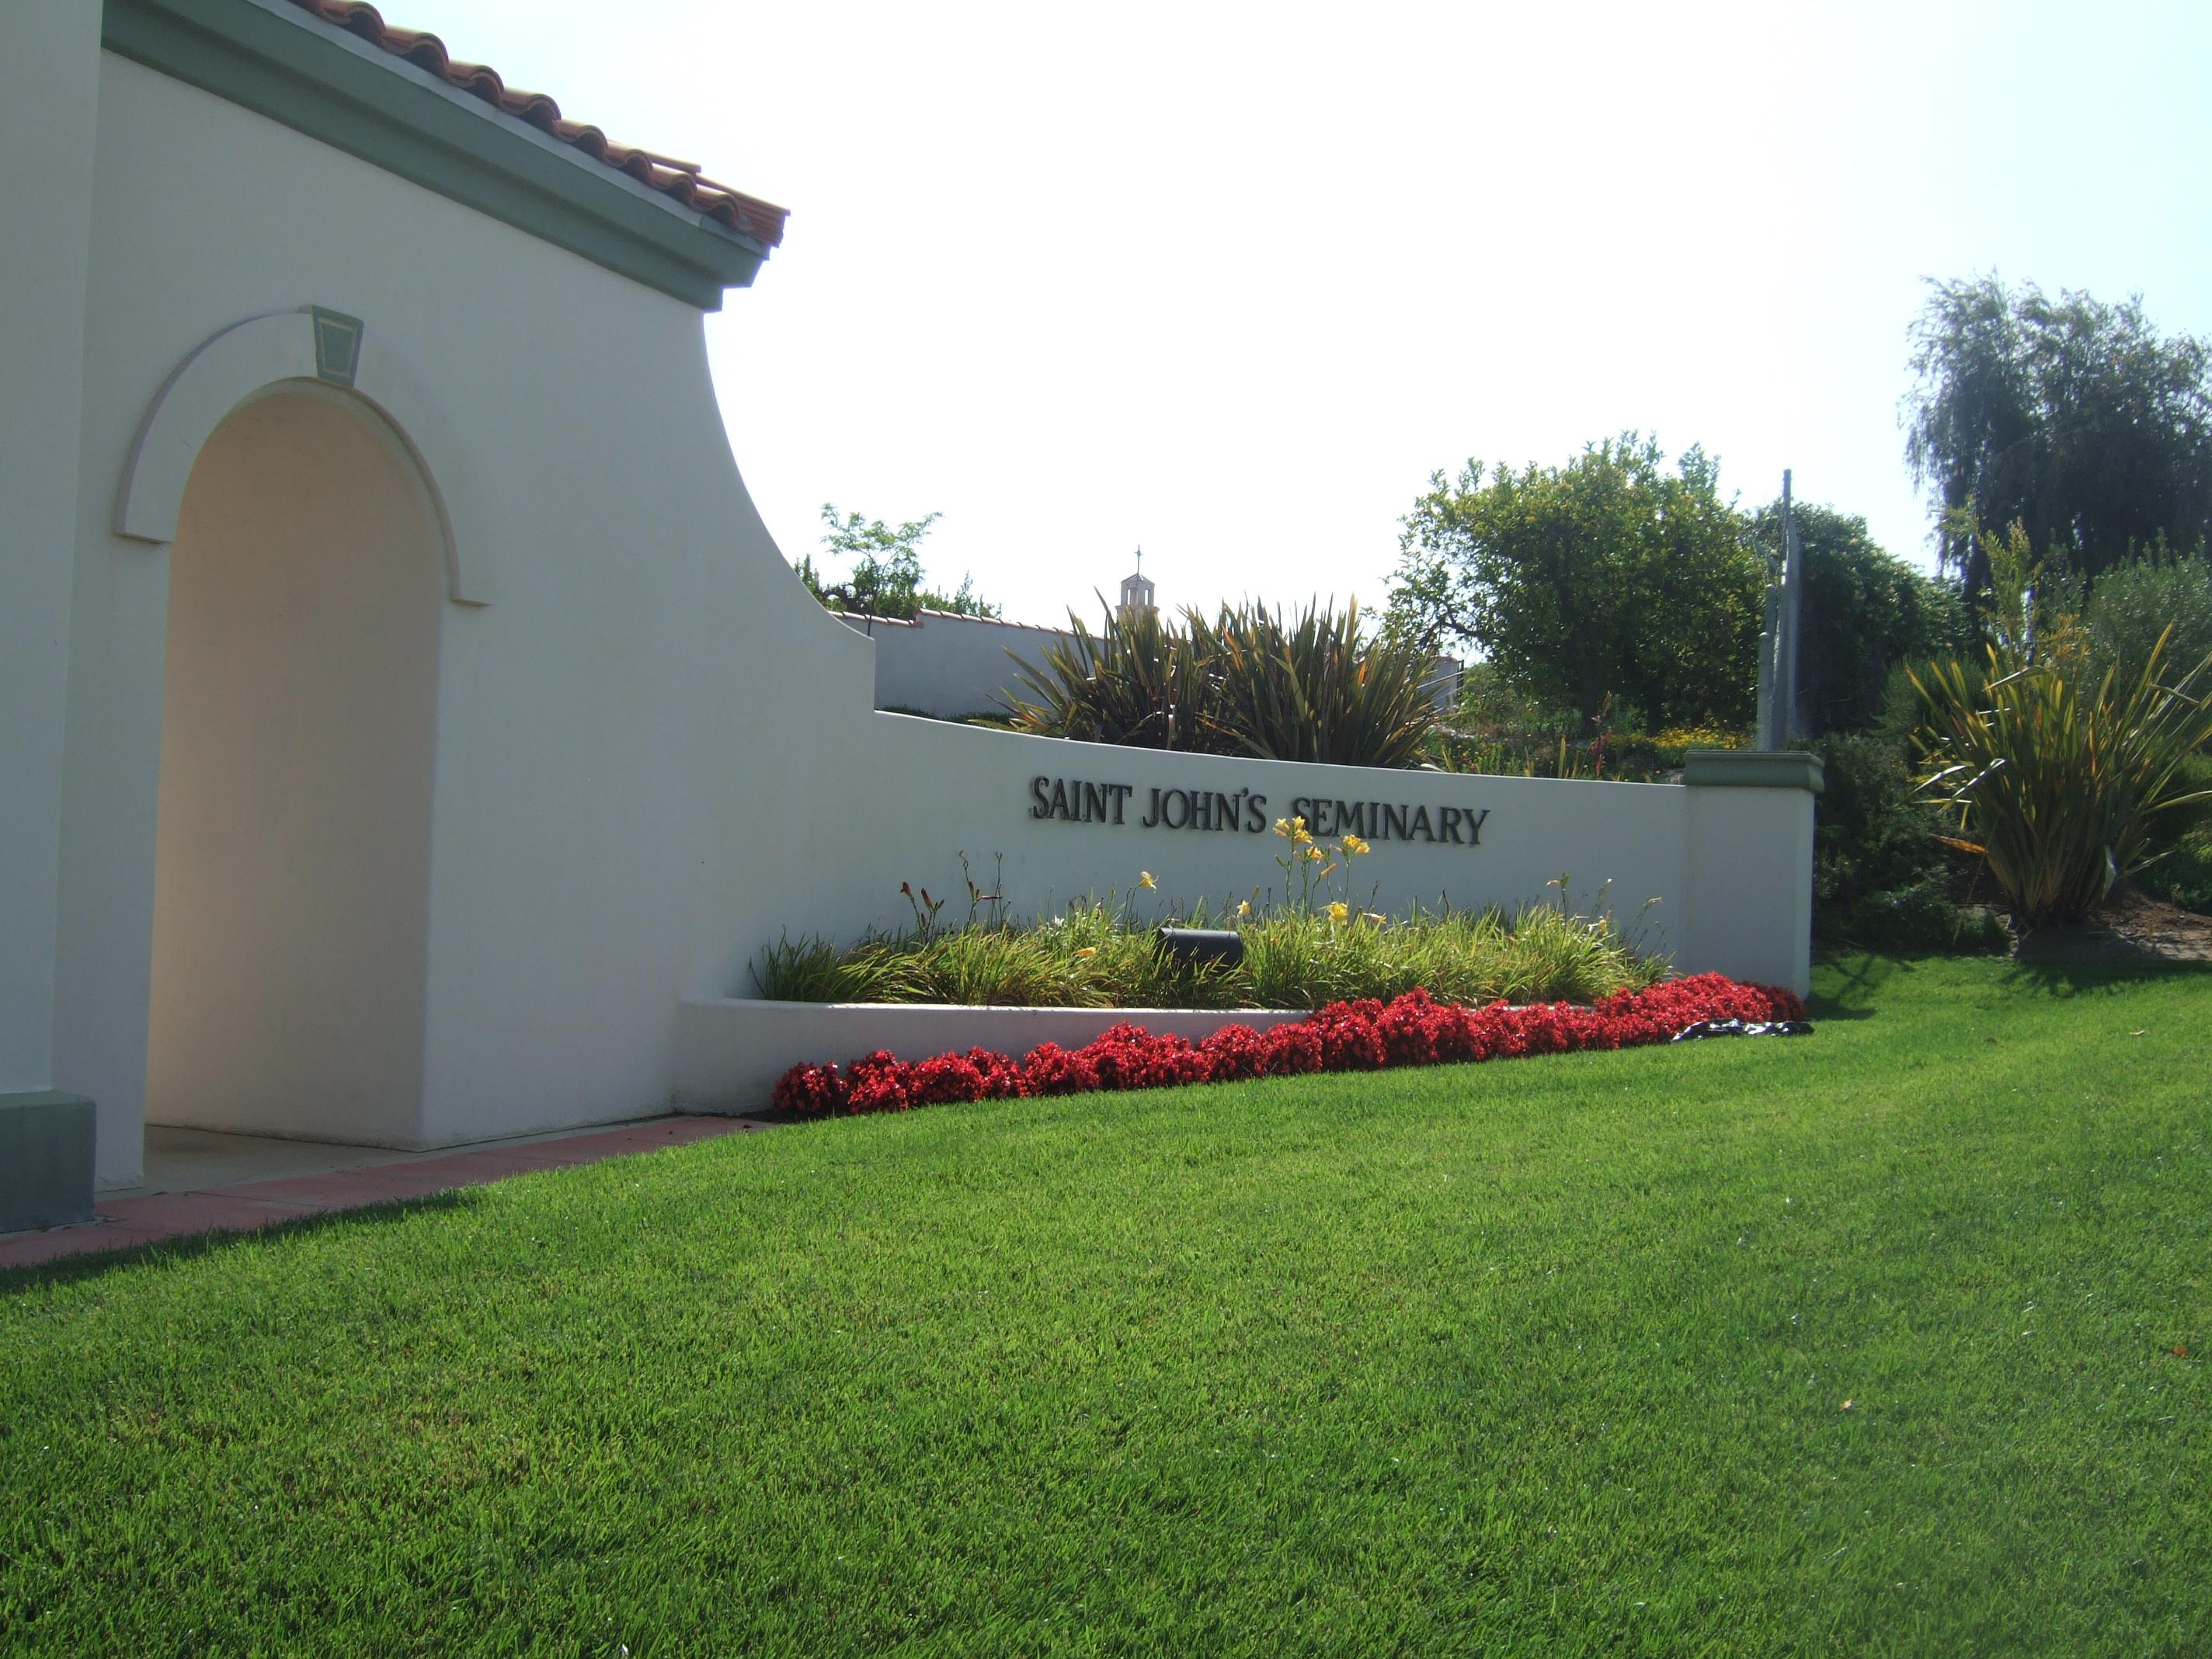 8%2f89%2fsaint johns seminary camarillo road faci8ng